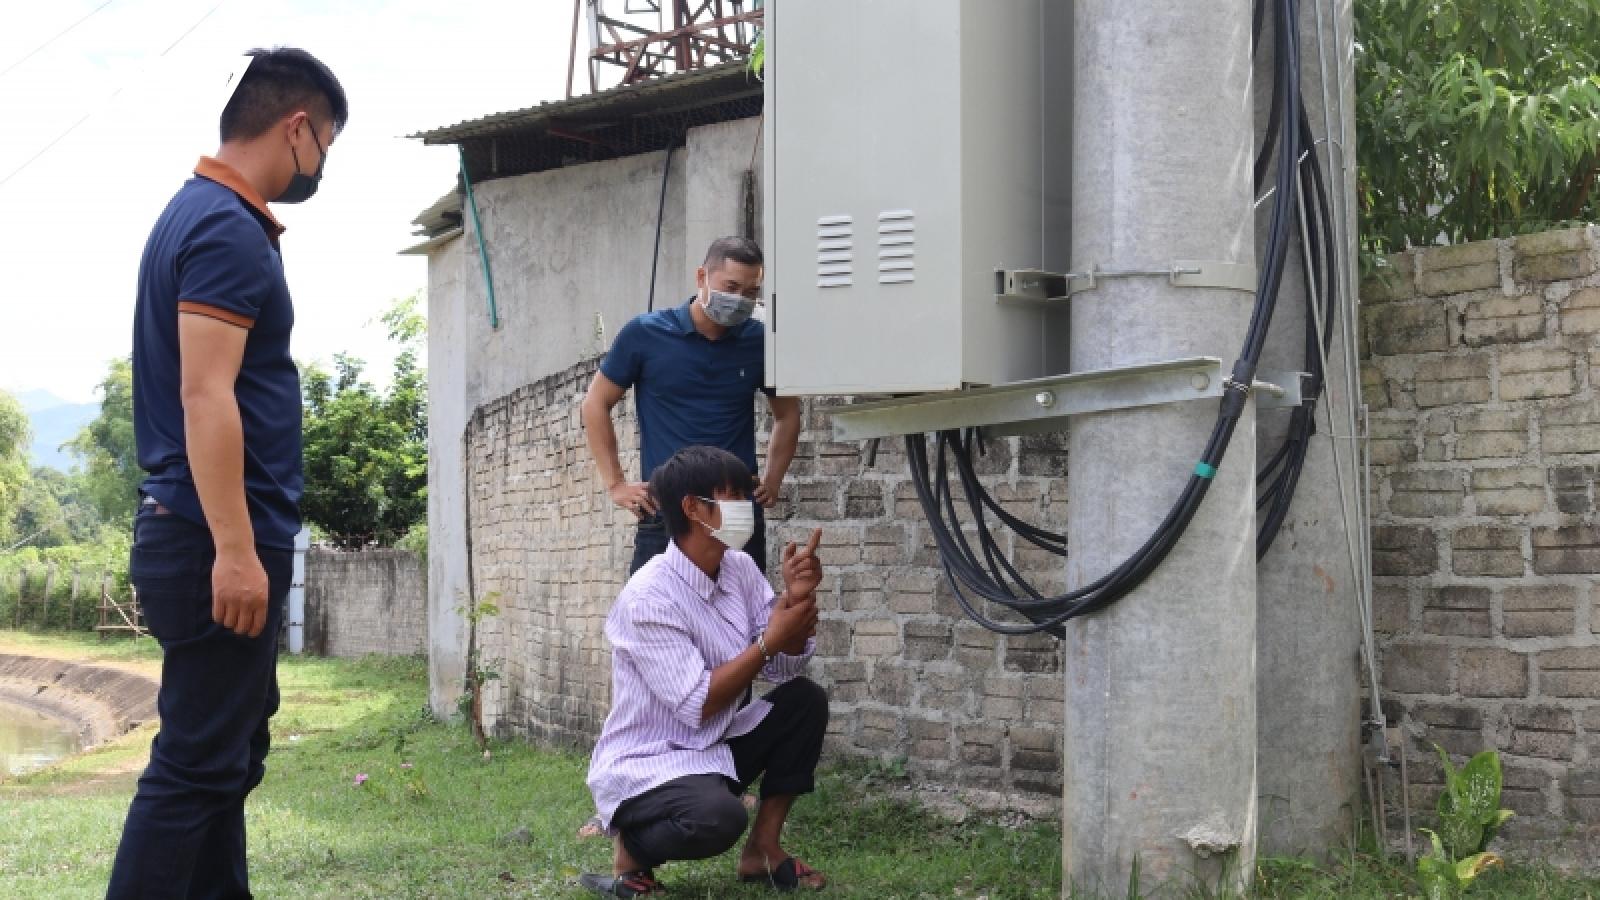 Công an Điện Biên bắt 1 đối tượng trộm cắp thiết bị điện